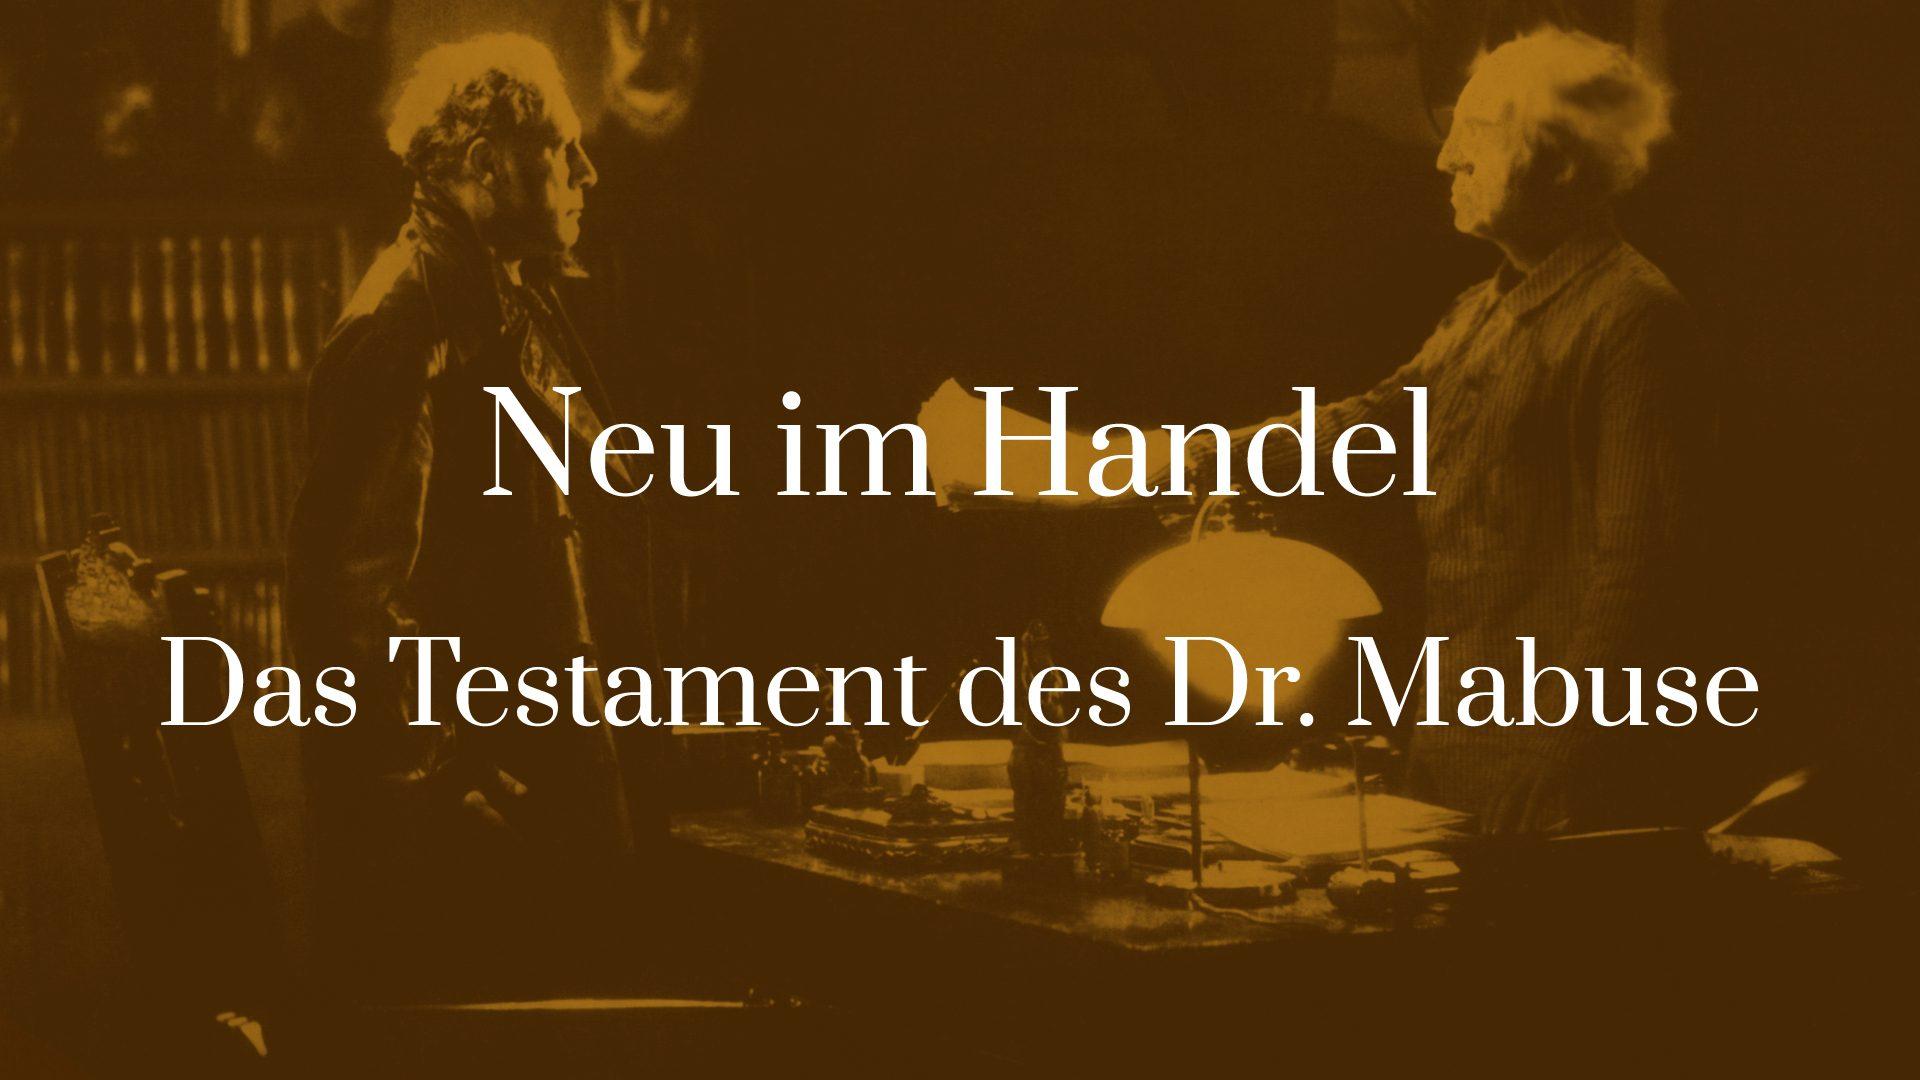 Symbolbild für den Artikel Neu im Handel - Das Testament des Dr. Mabuse